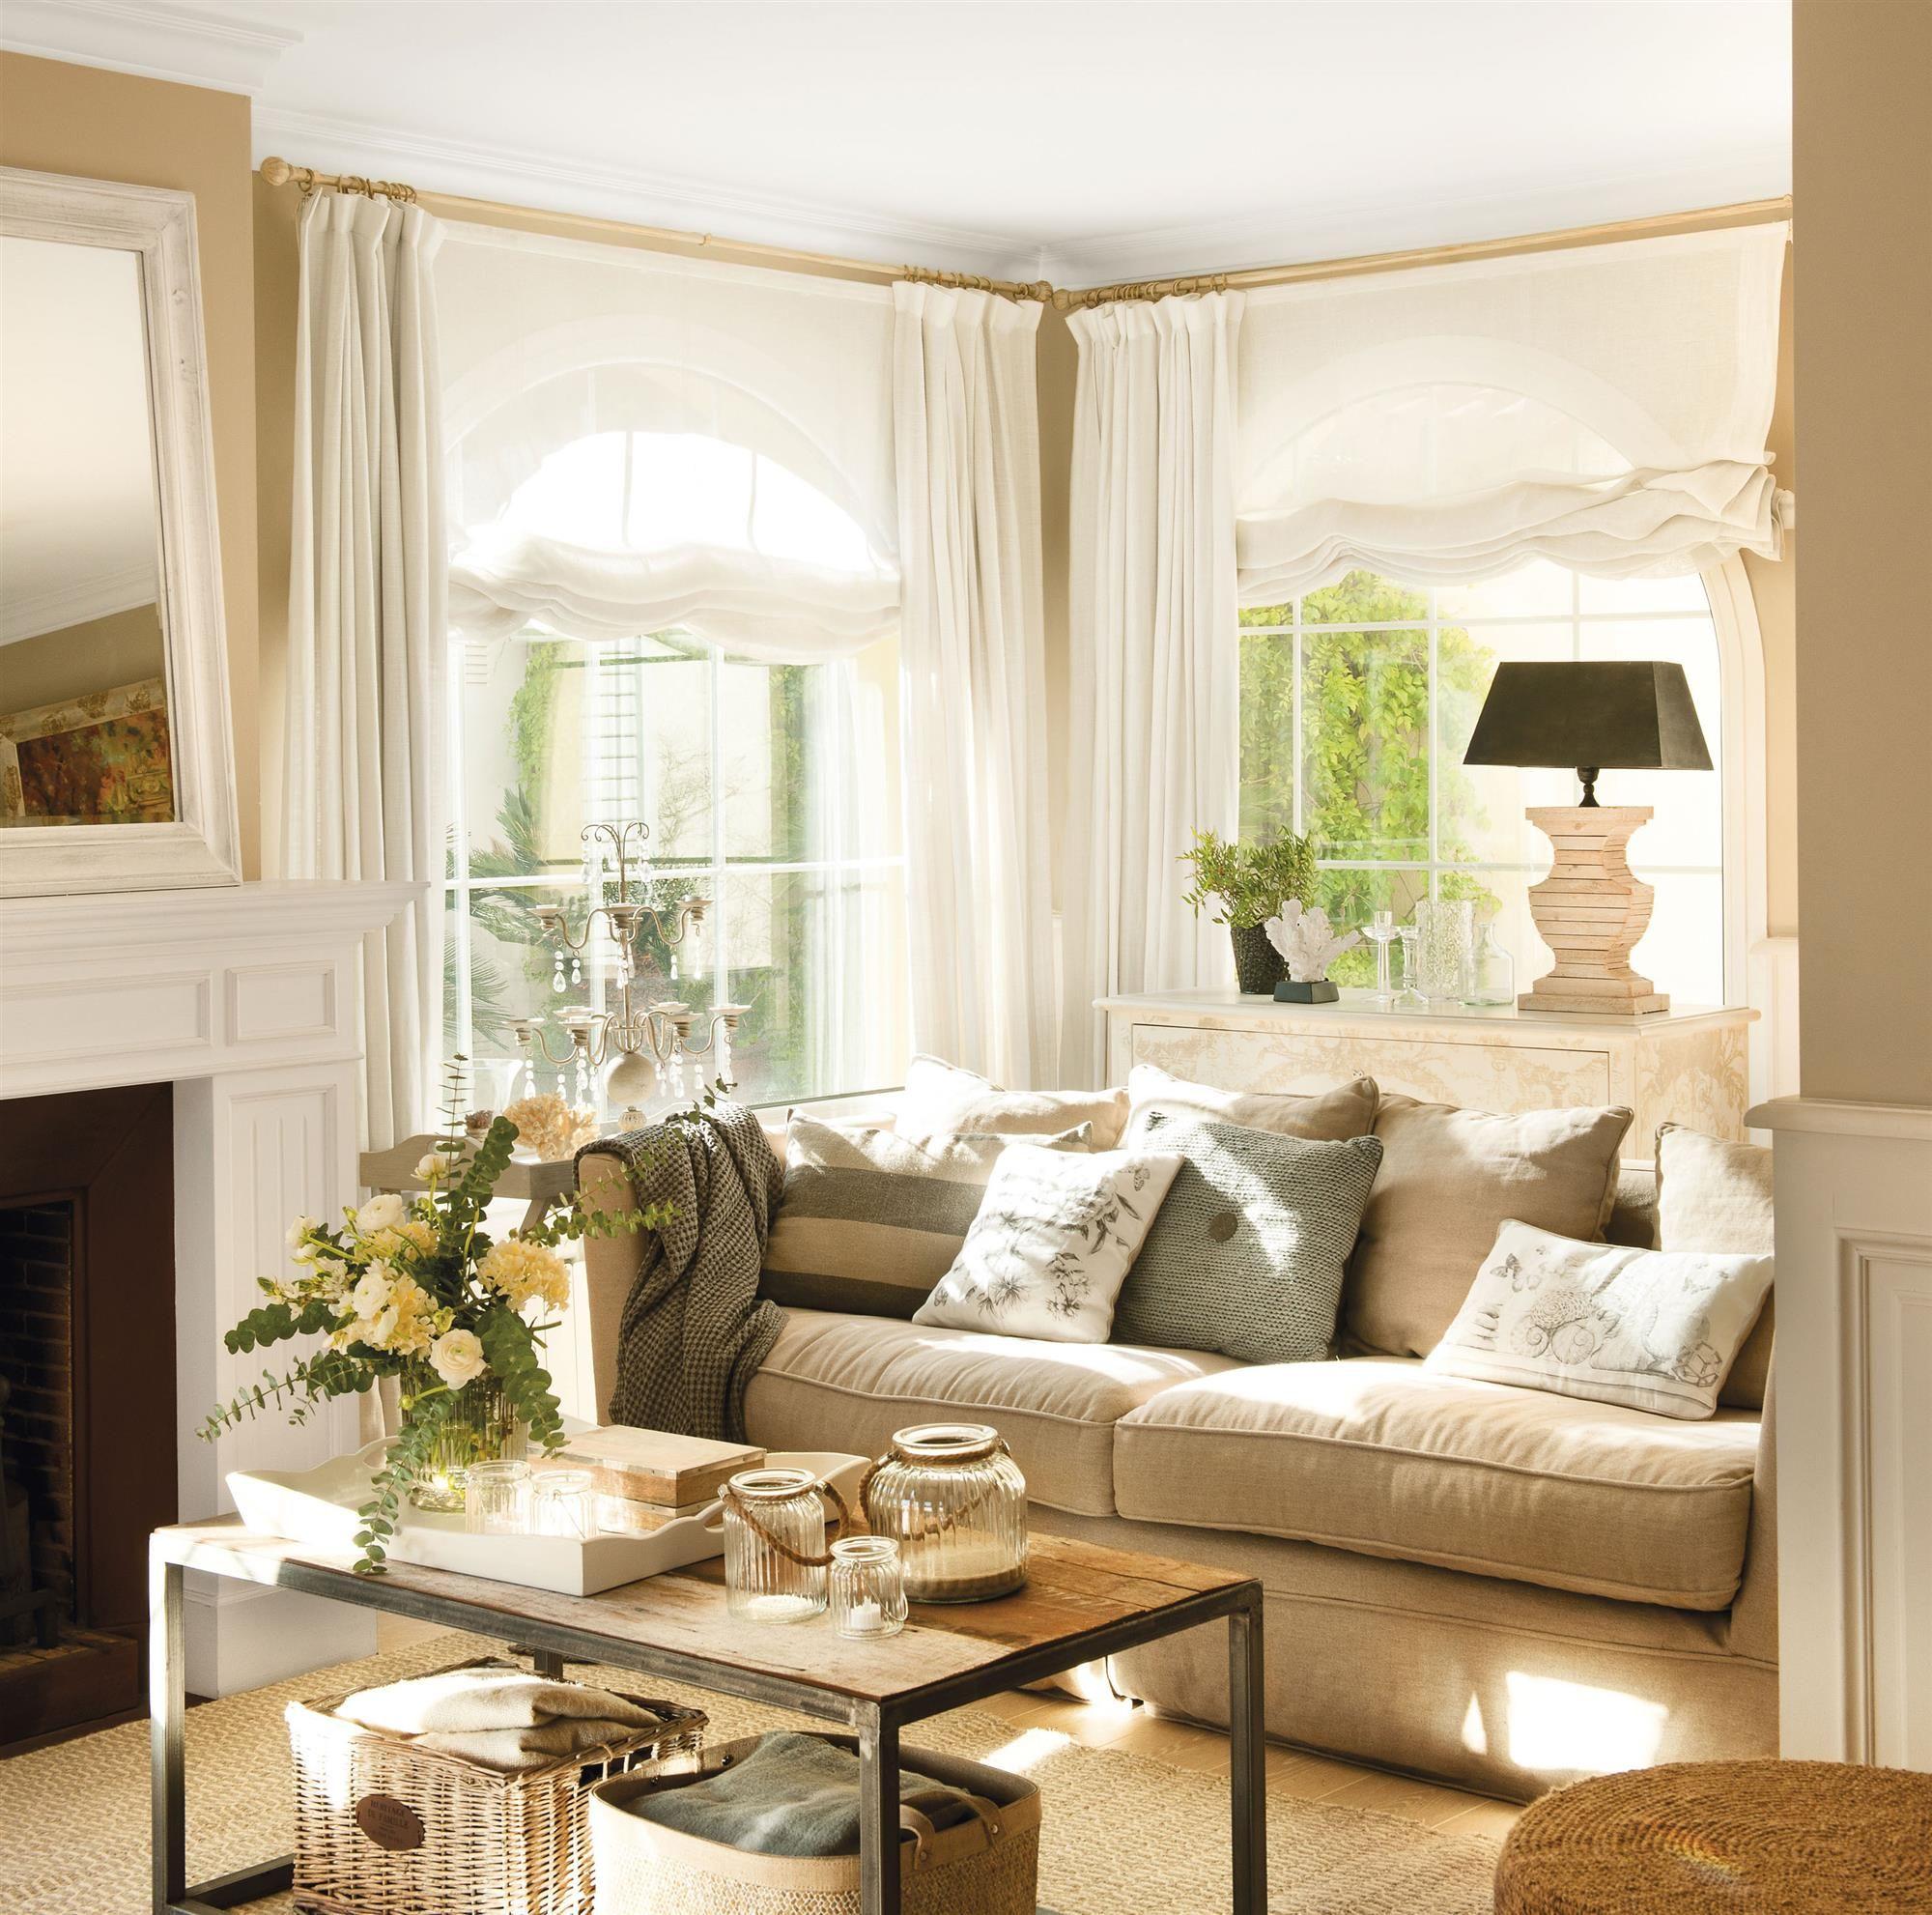 Escoger cortinas salones muy acogedores pinterest for Cortinas salon comedor